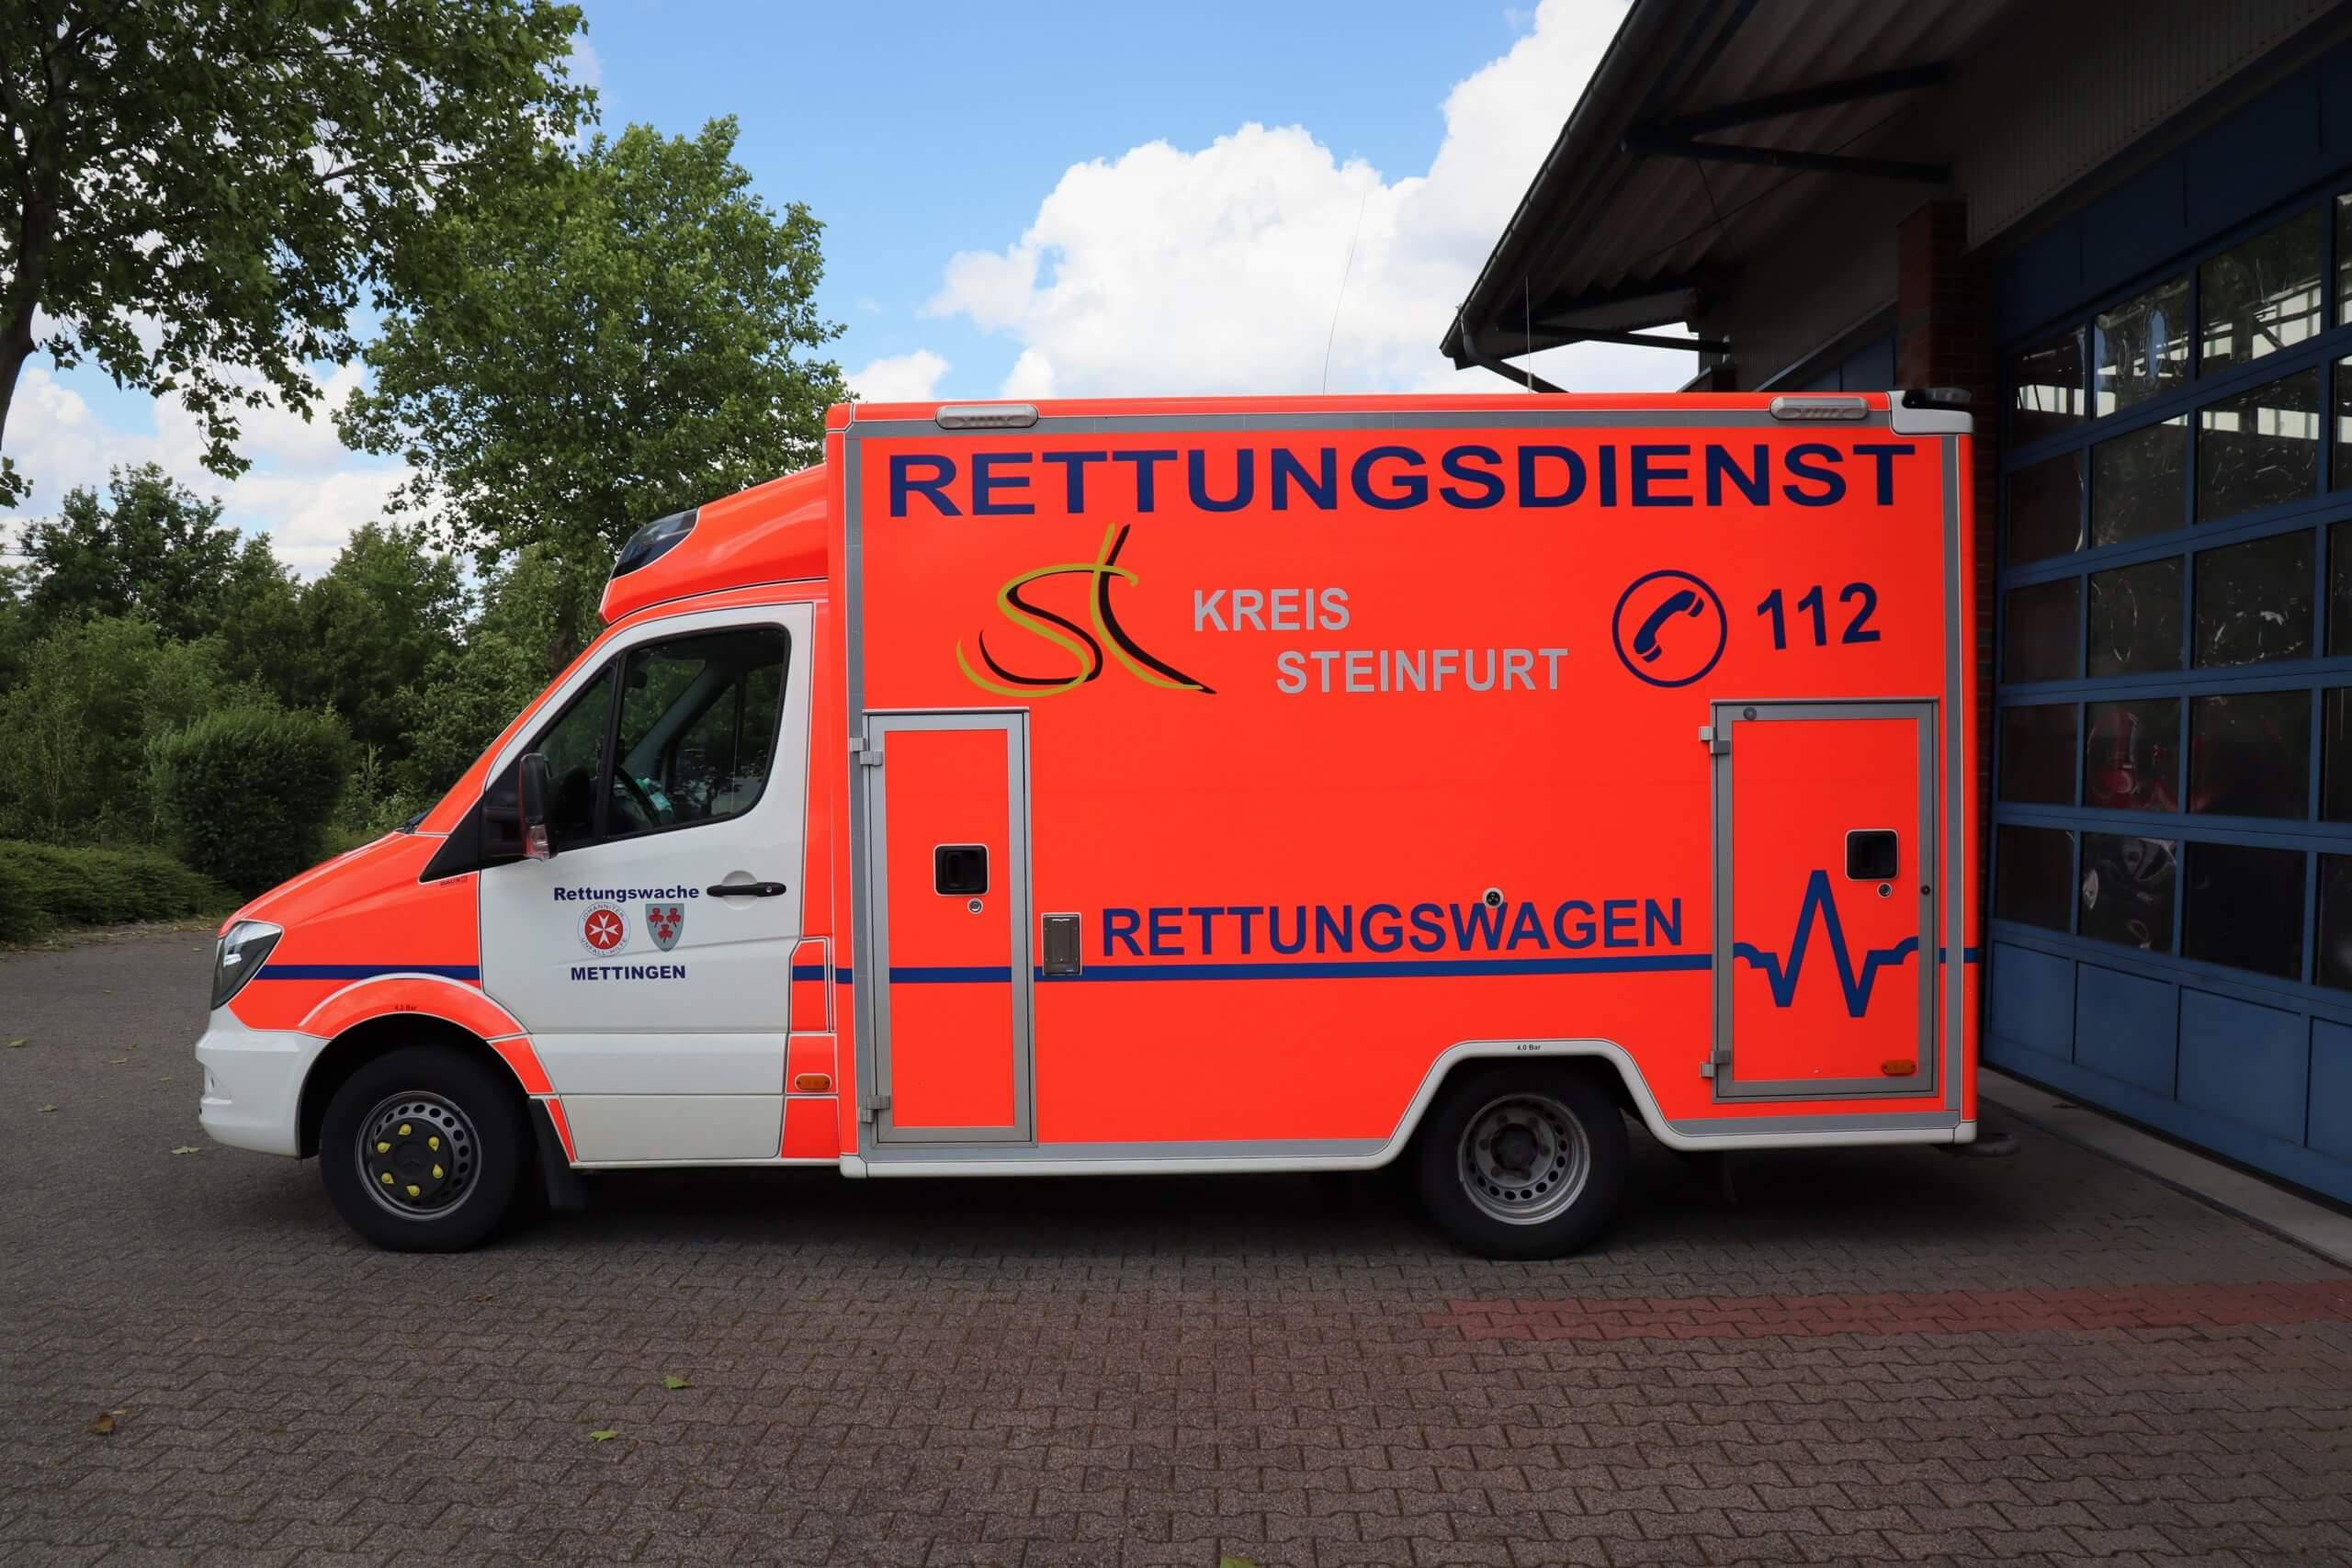 RTW Rechts